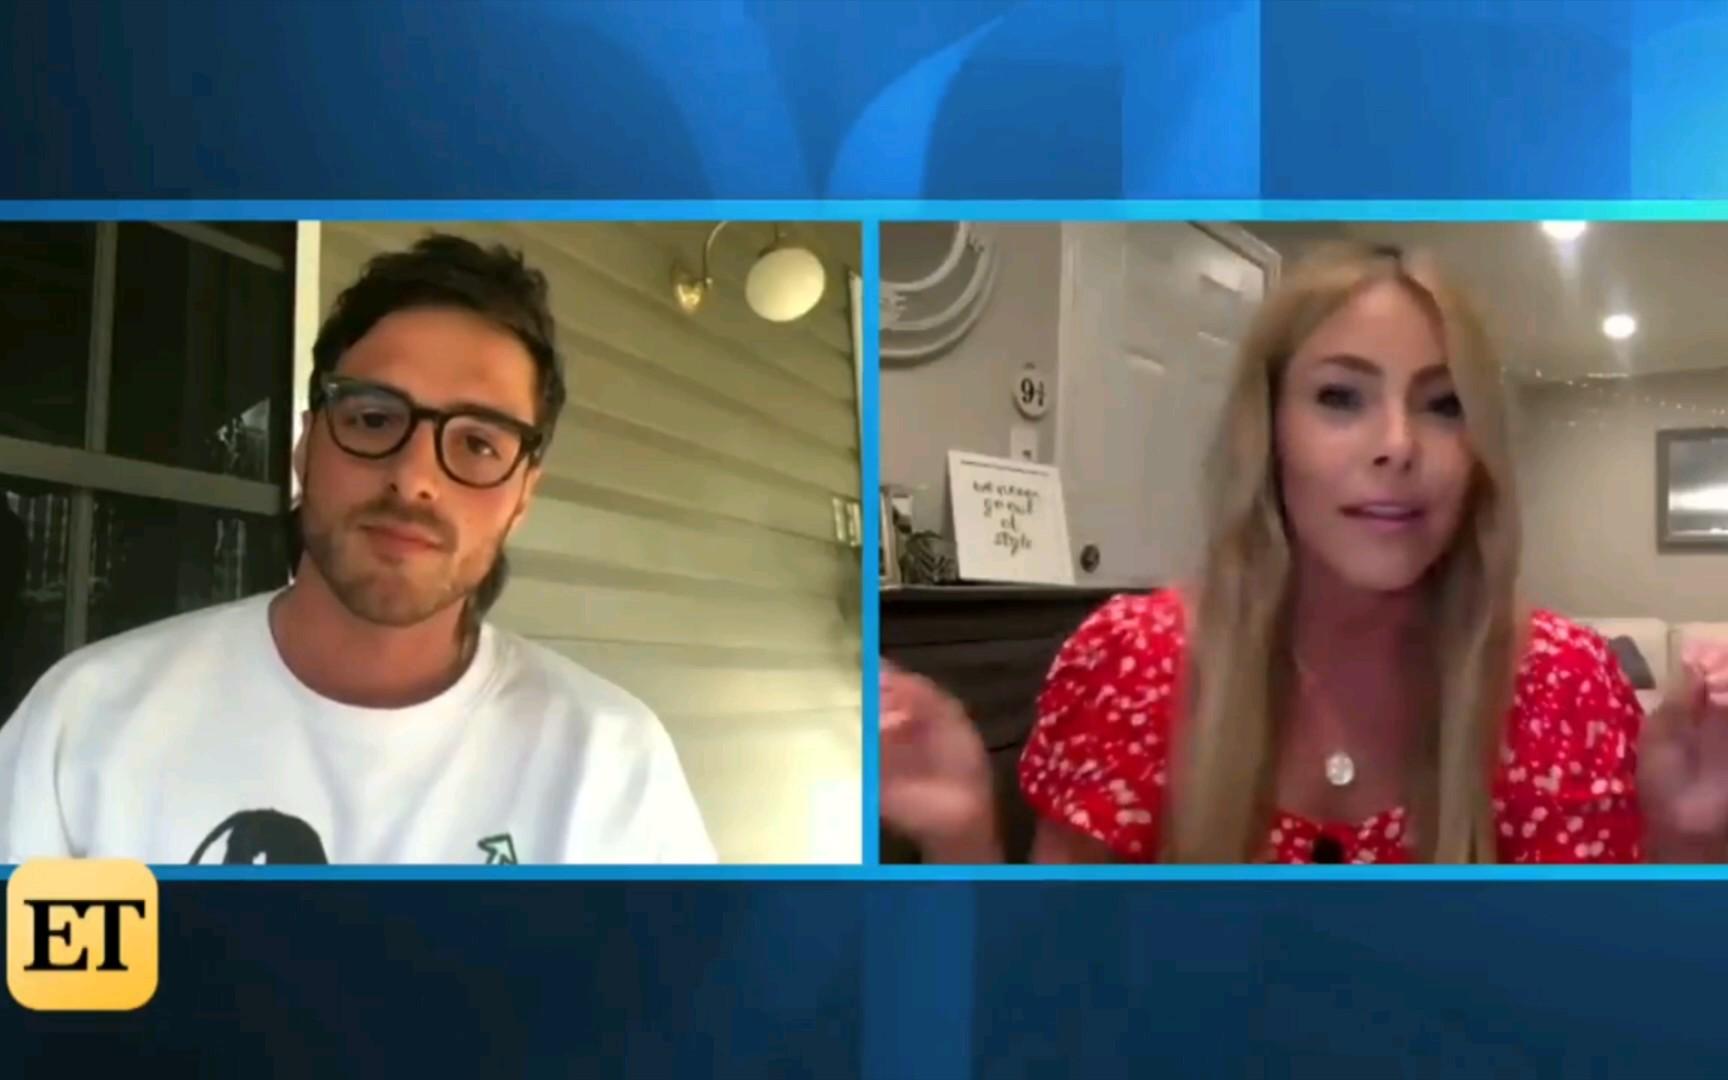 【生肉】Joey King和Jacob Elordi谈论好莱坞恋爱   亲吻亭2